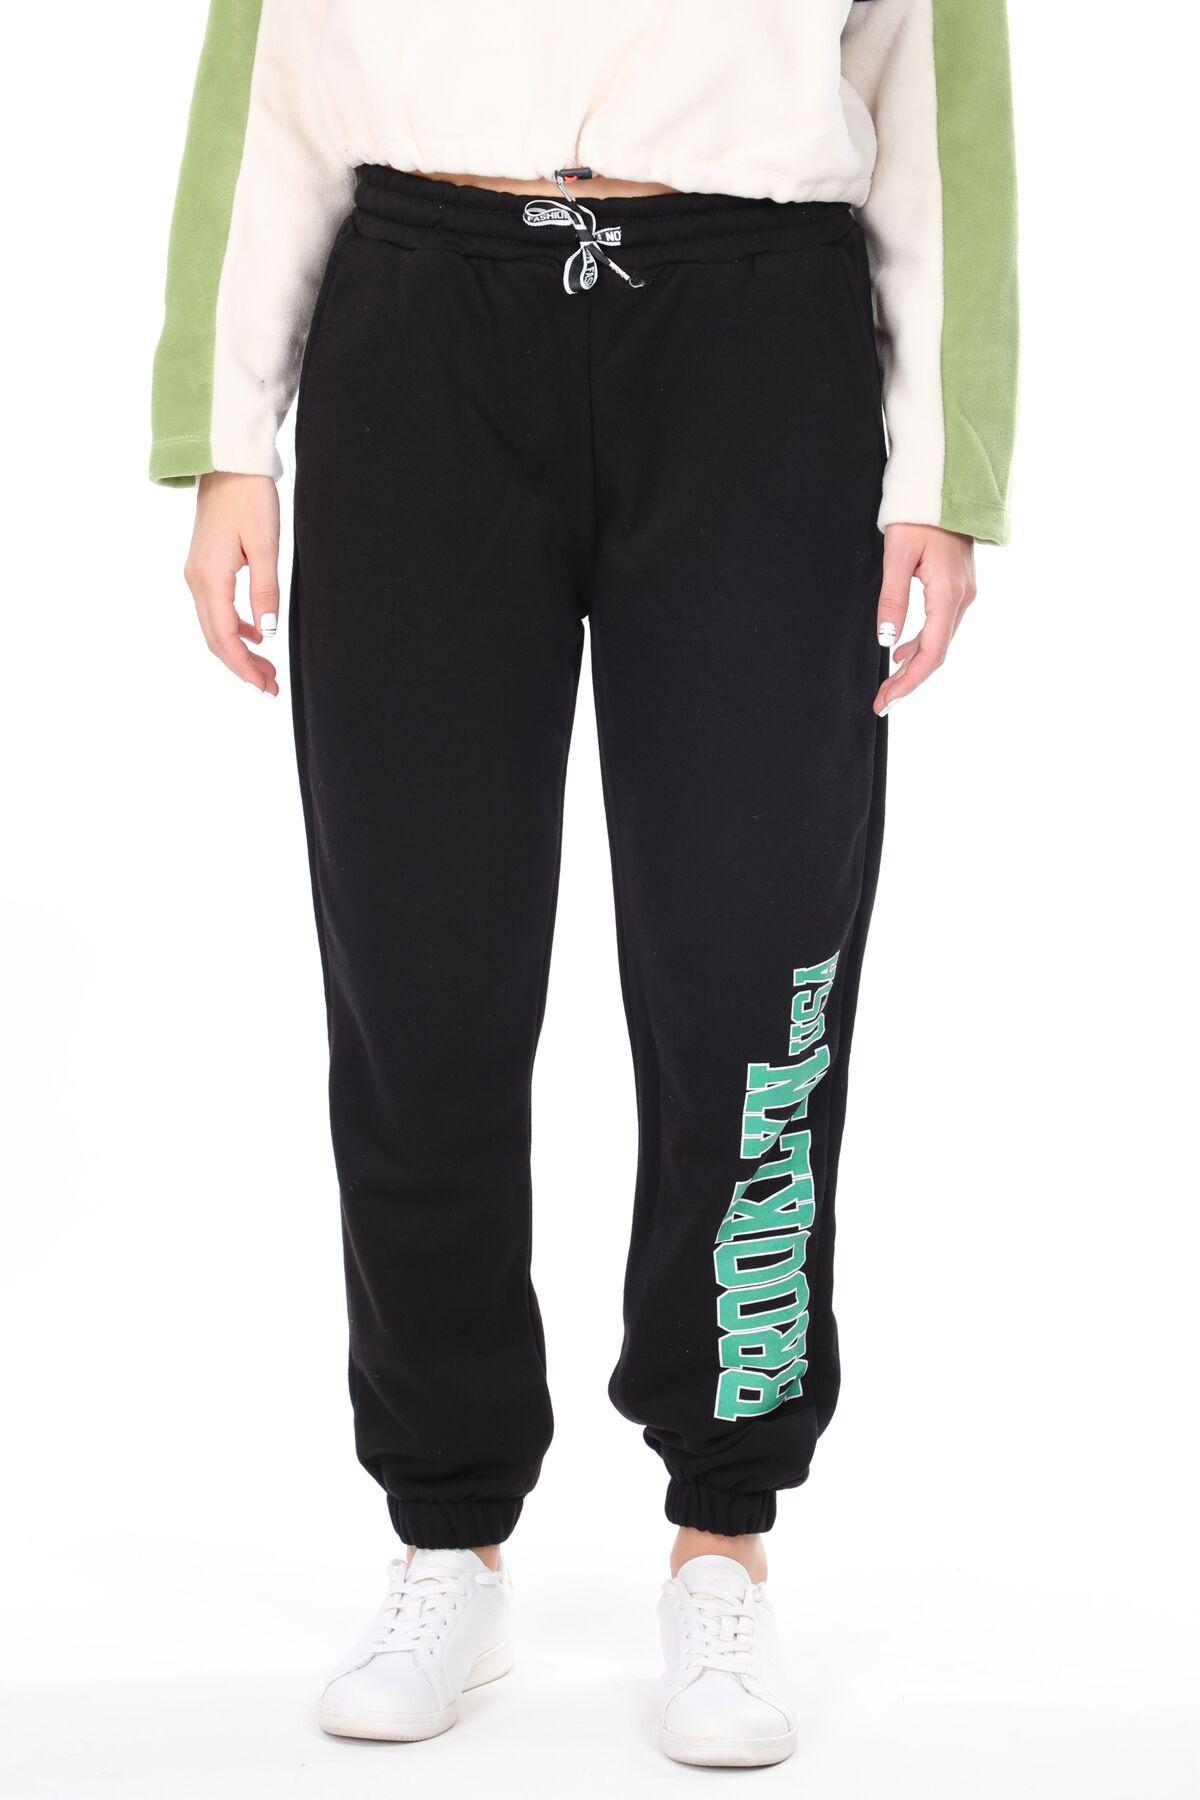 Эластичные черные женские спортивные штаны с принтом Brooklyn